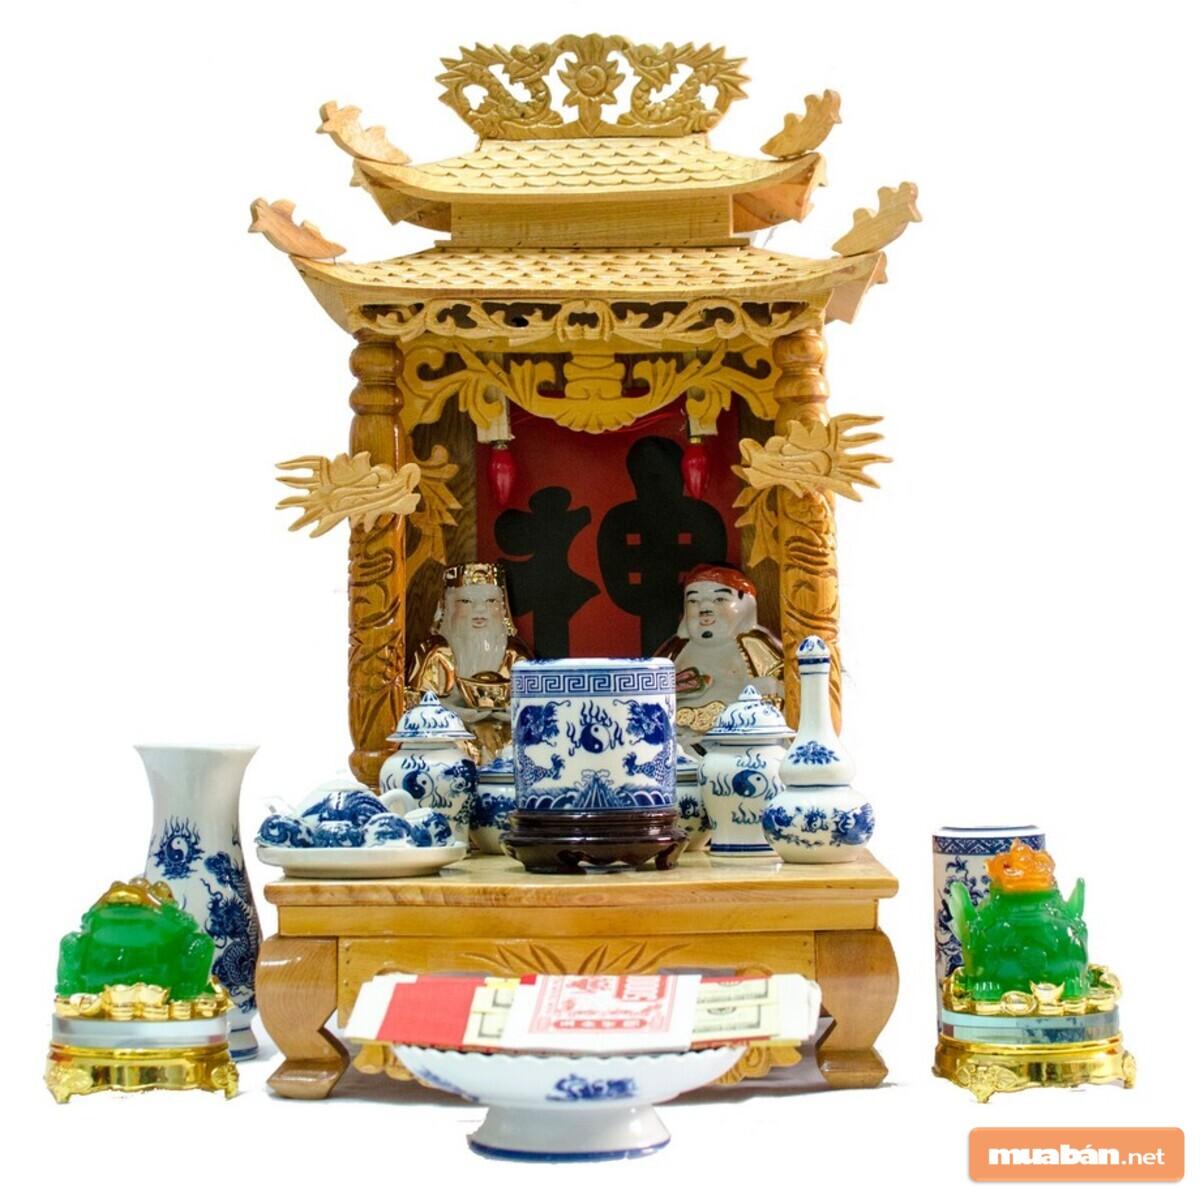 Bàn thờ Thần Tài giúp người kinh doanh thu hút nhiều tài lộc